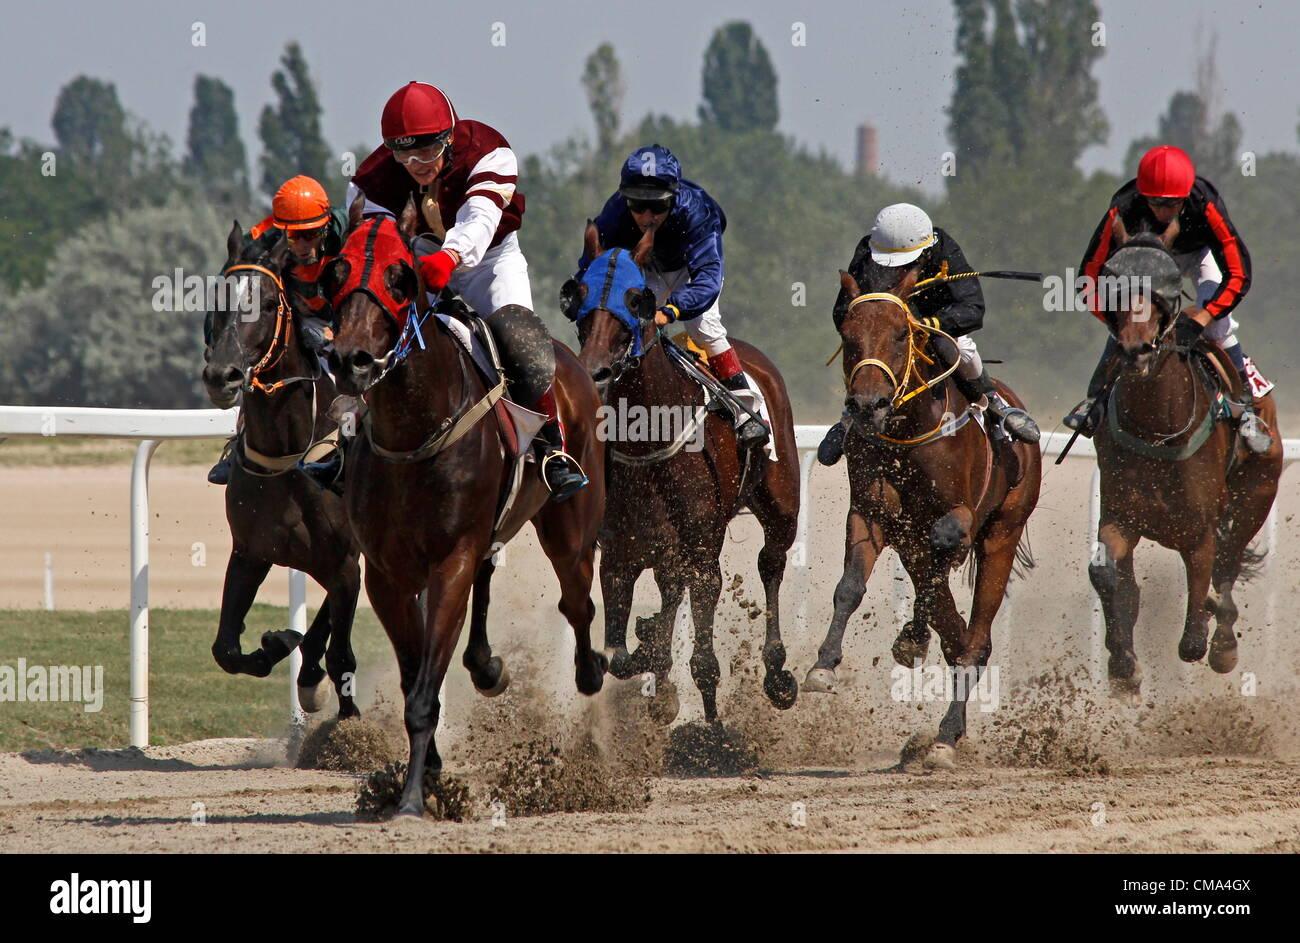 BUDAPEST - JÚLIUS 1. horse racing giulio 1, 2012 in Ungheria, Budapest, Kincsem park. Immagini Stock